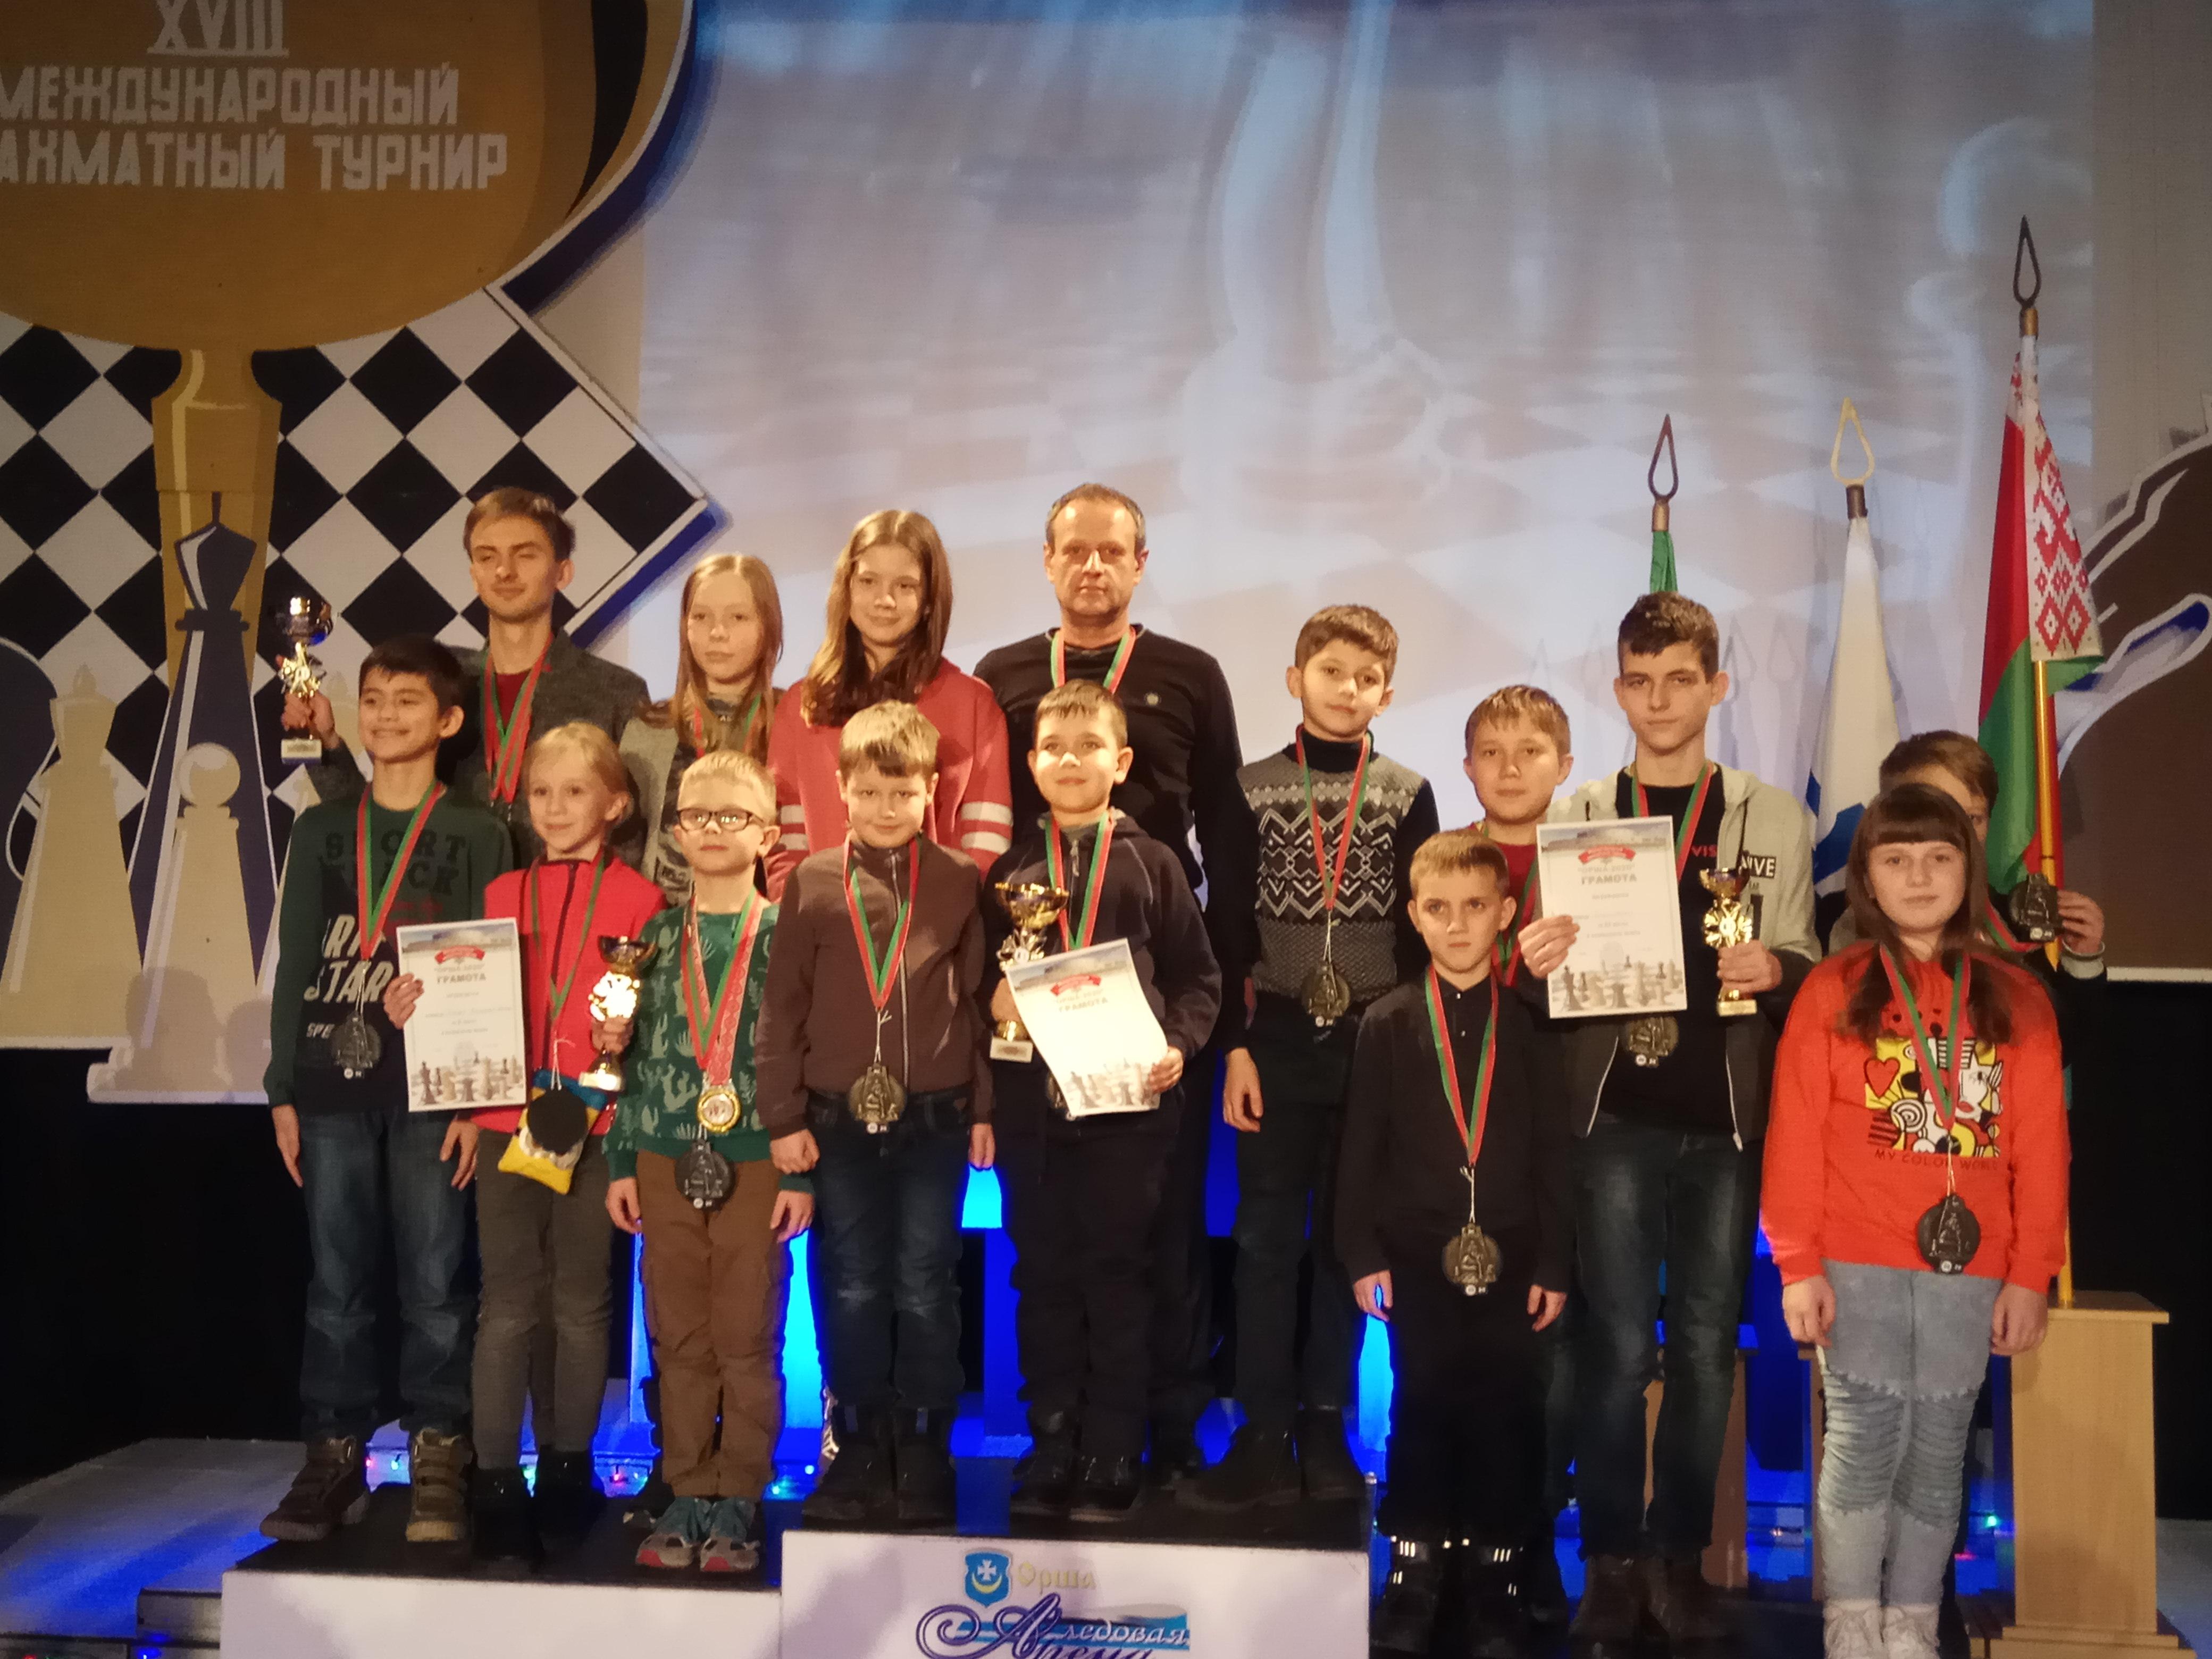 Участники турнира на церемонии награждения. Фото: архив Александра СИДОРЕНИ